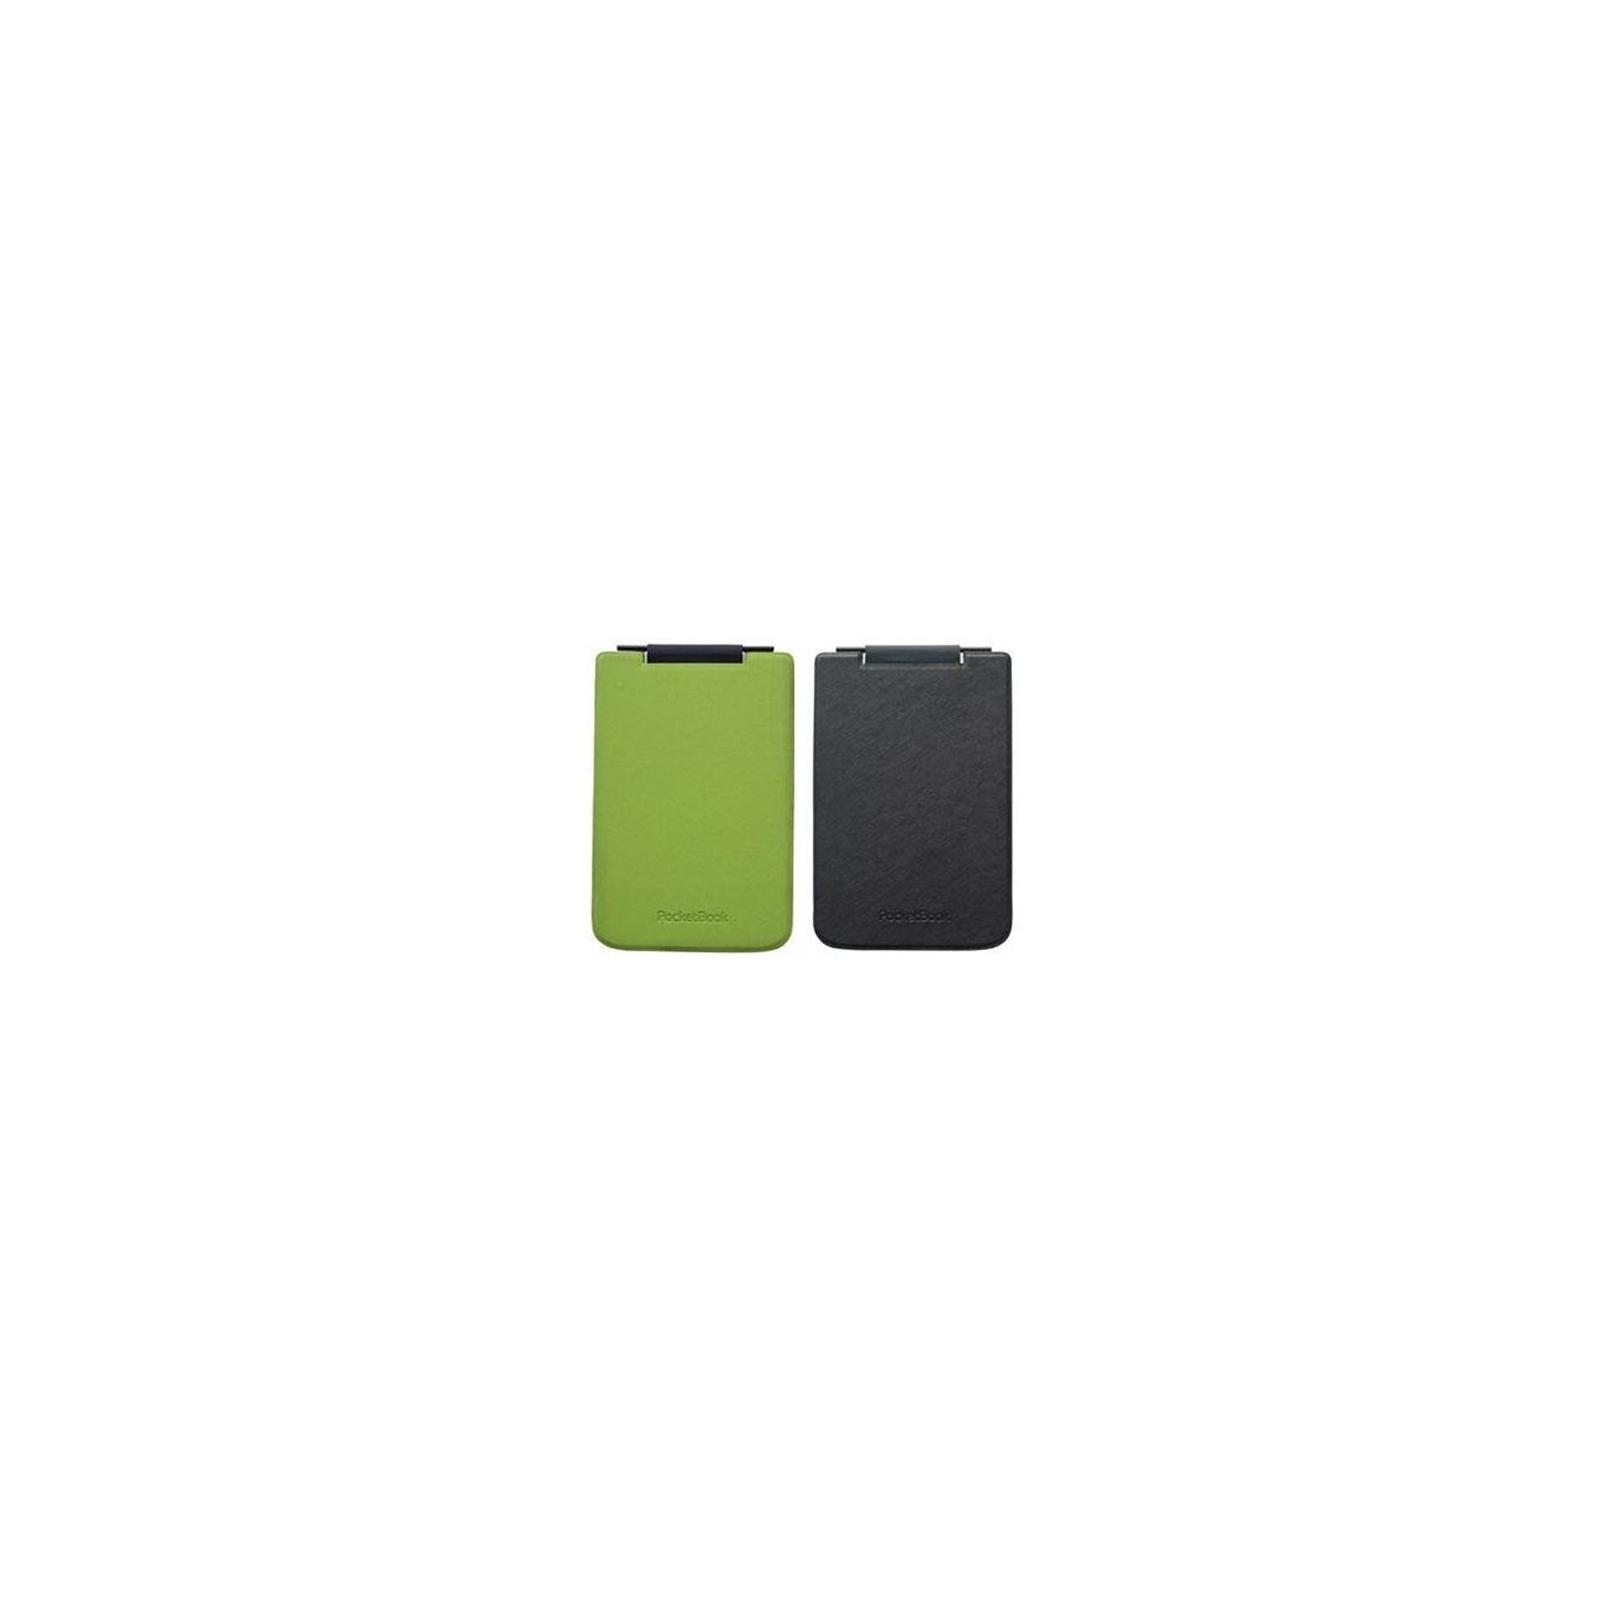 Чехол для электронной книги PocketBook PB624 Flip green/black (PBPUC-624-GRBC-RD) изображение 2